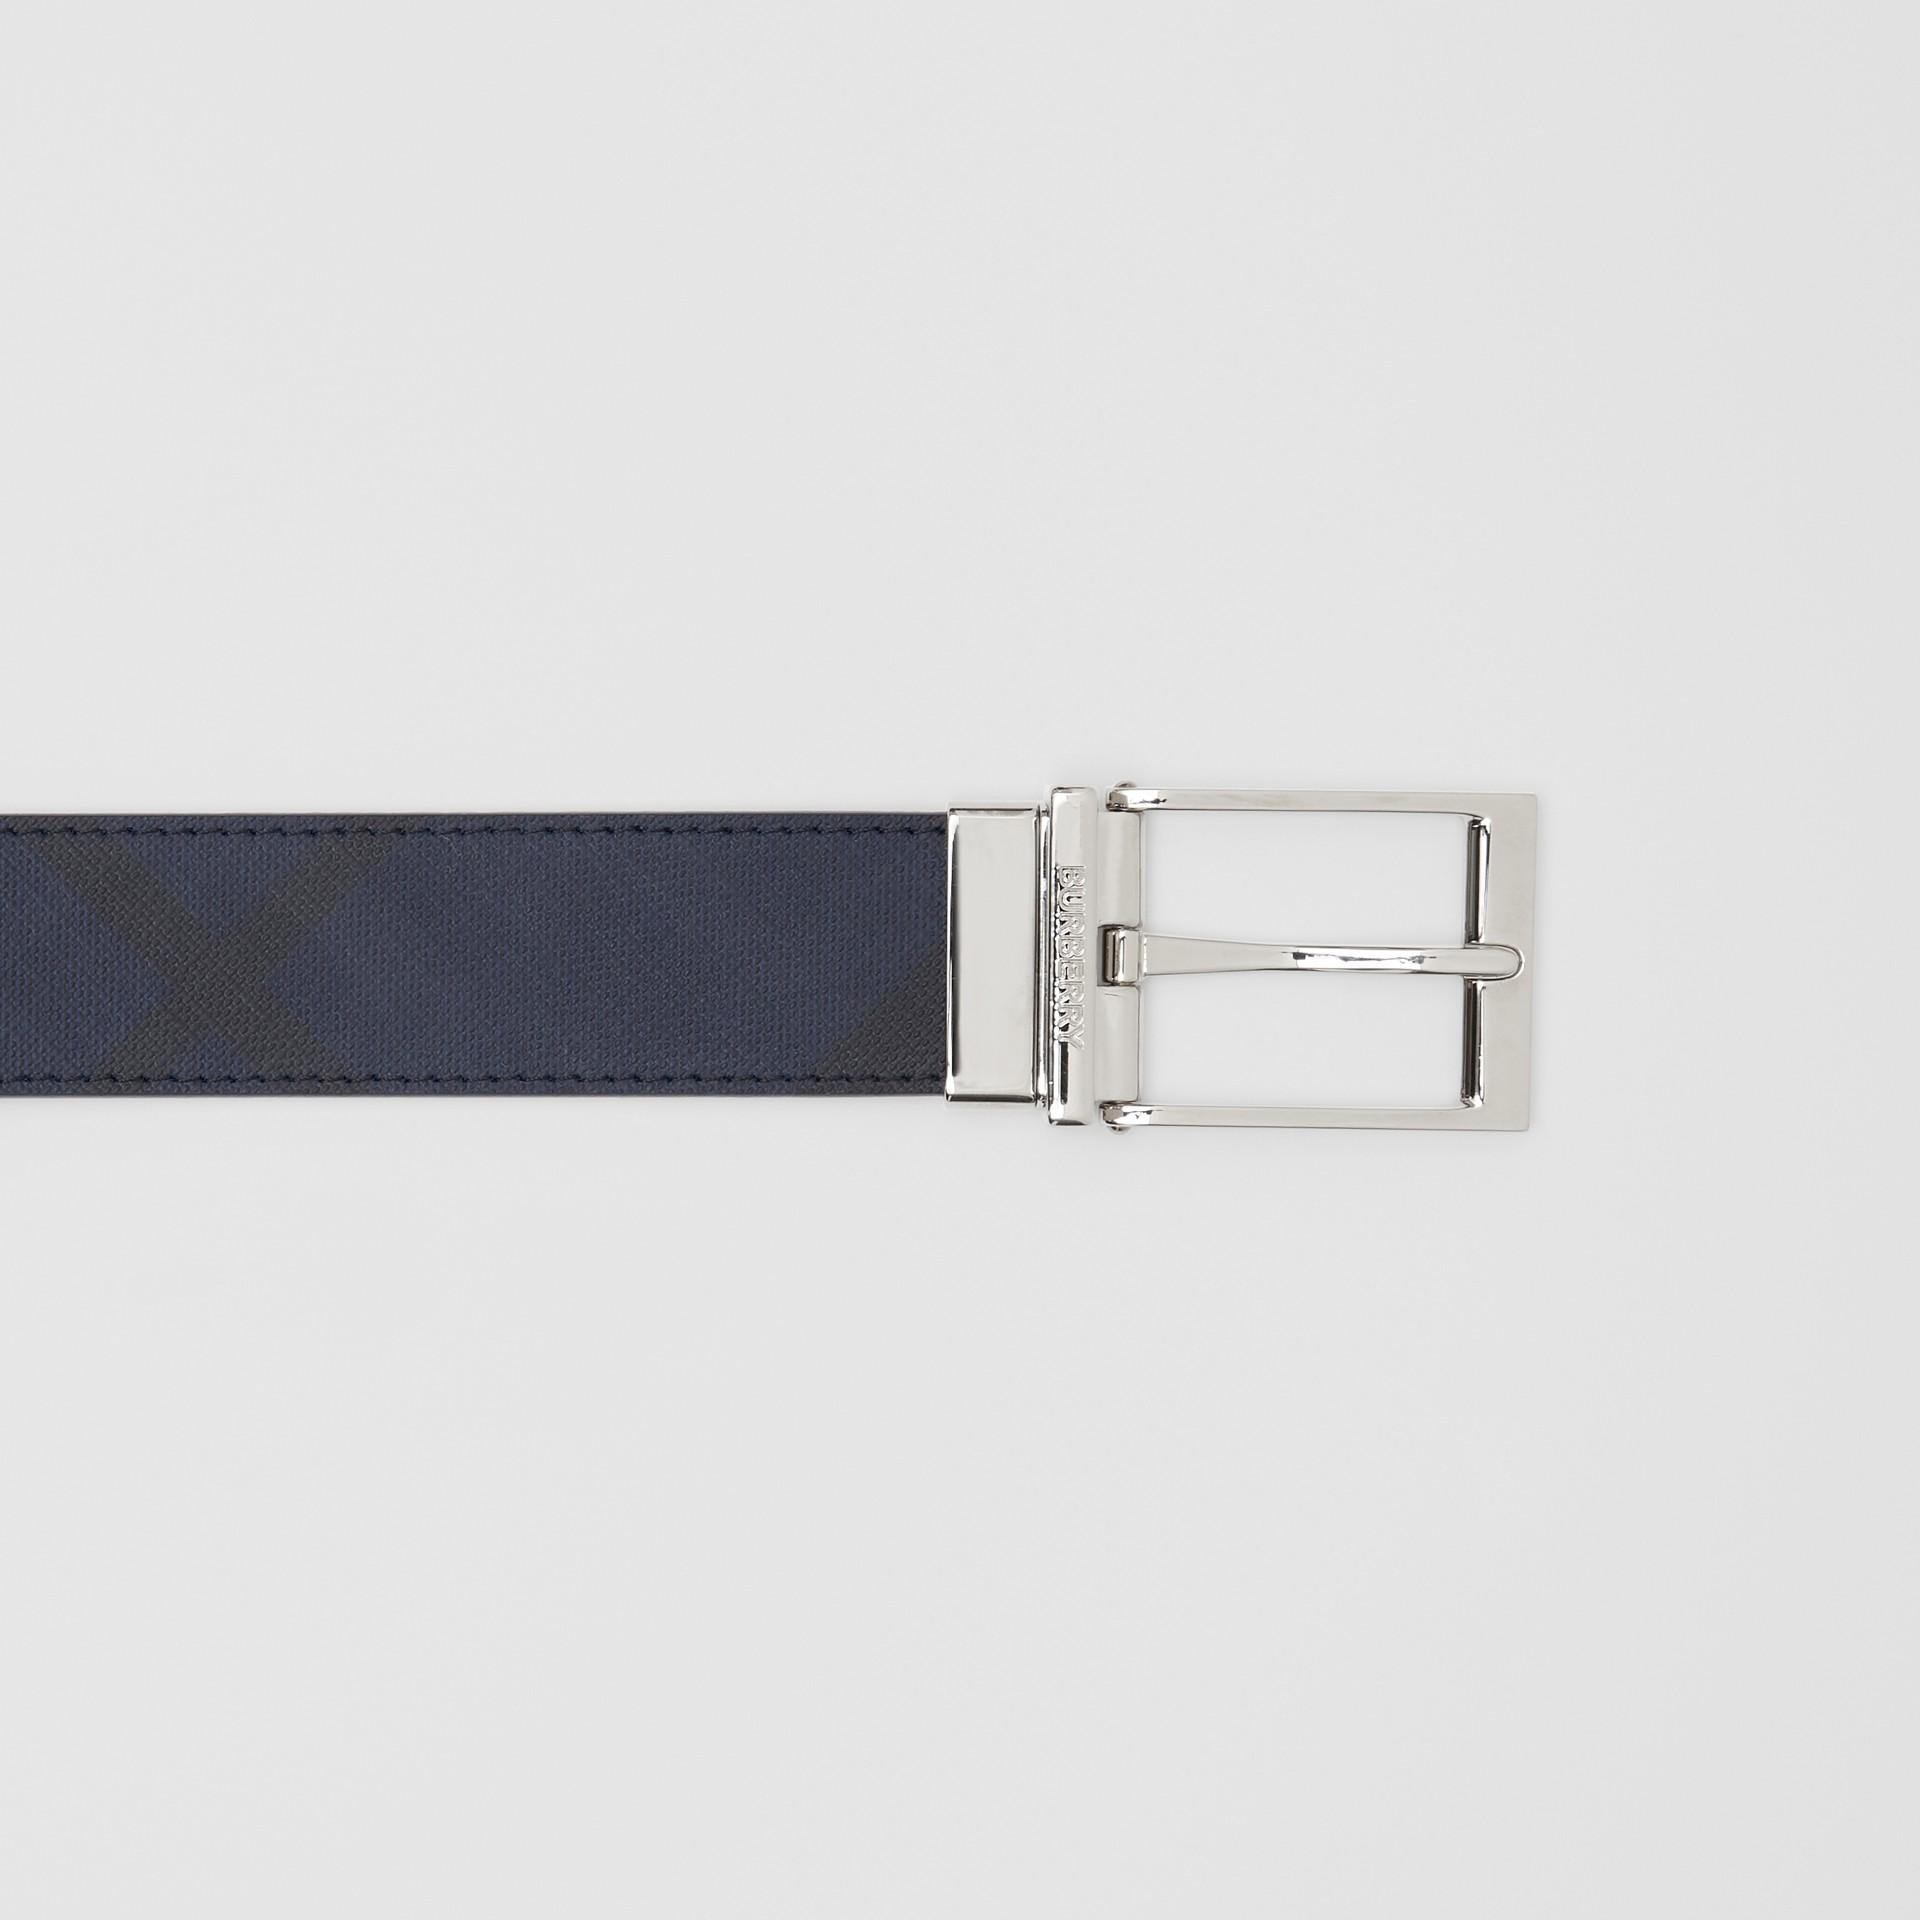 リバーシブル ロンドンチェック&レザー ベルト (ネイビー/ブラック) - メンズ | バーバリー - ギャラリーイメージ 1